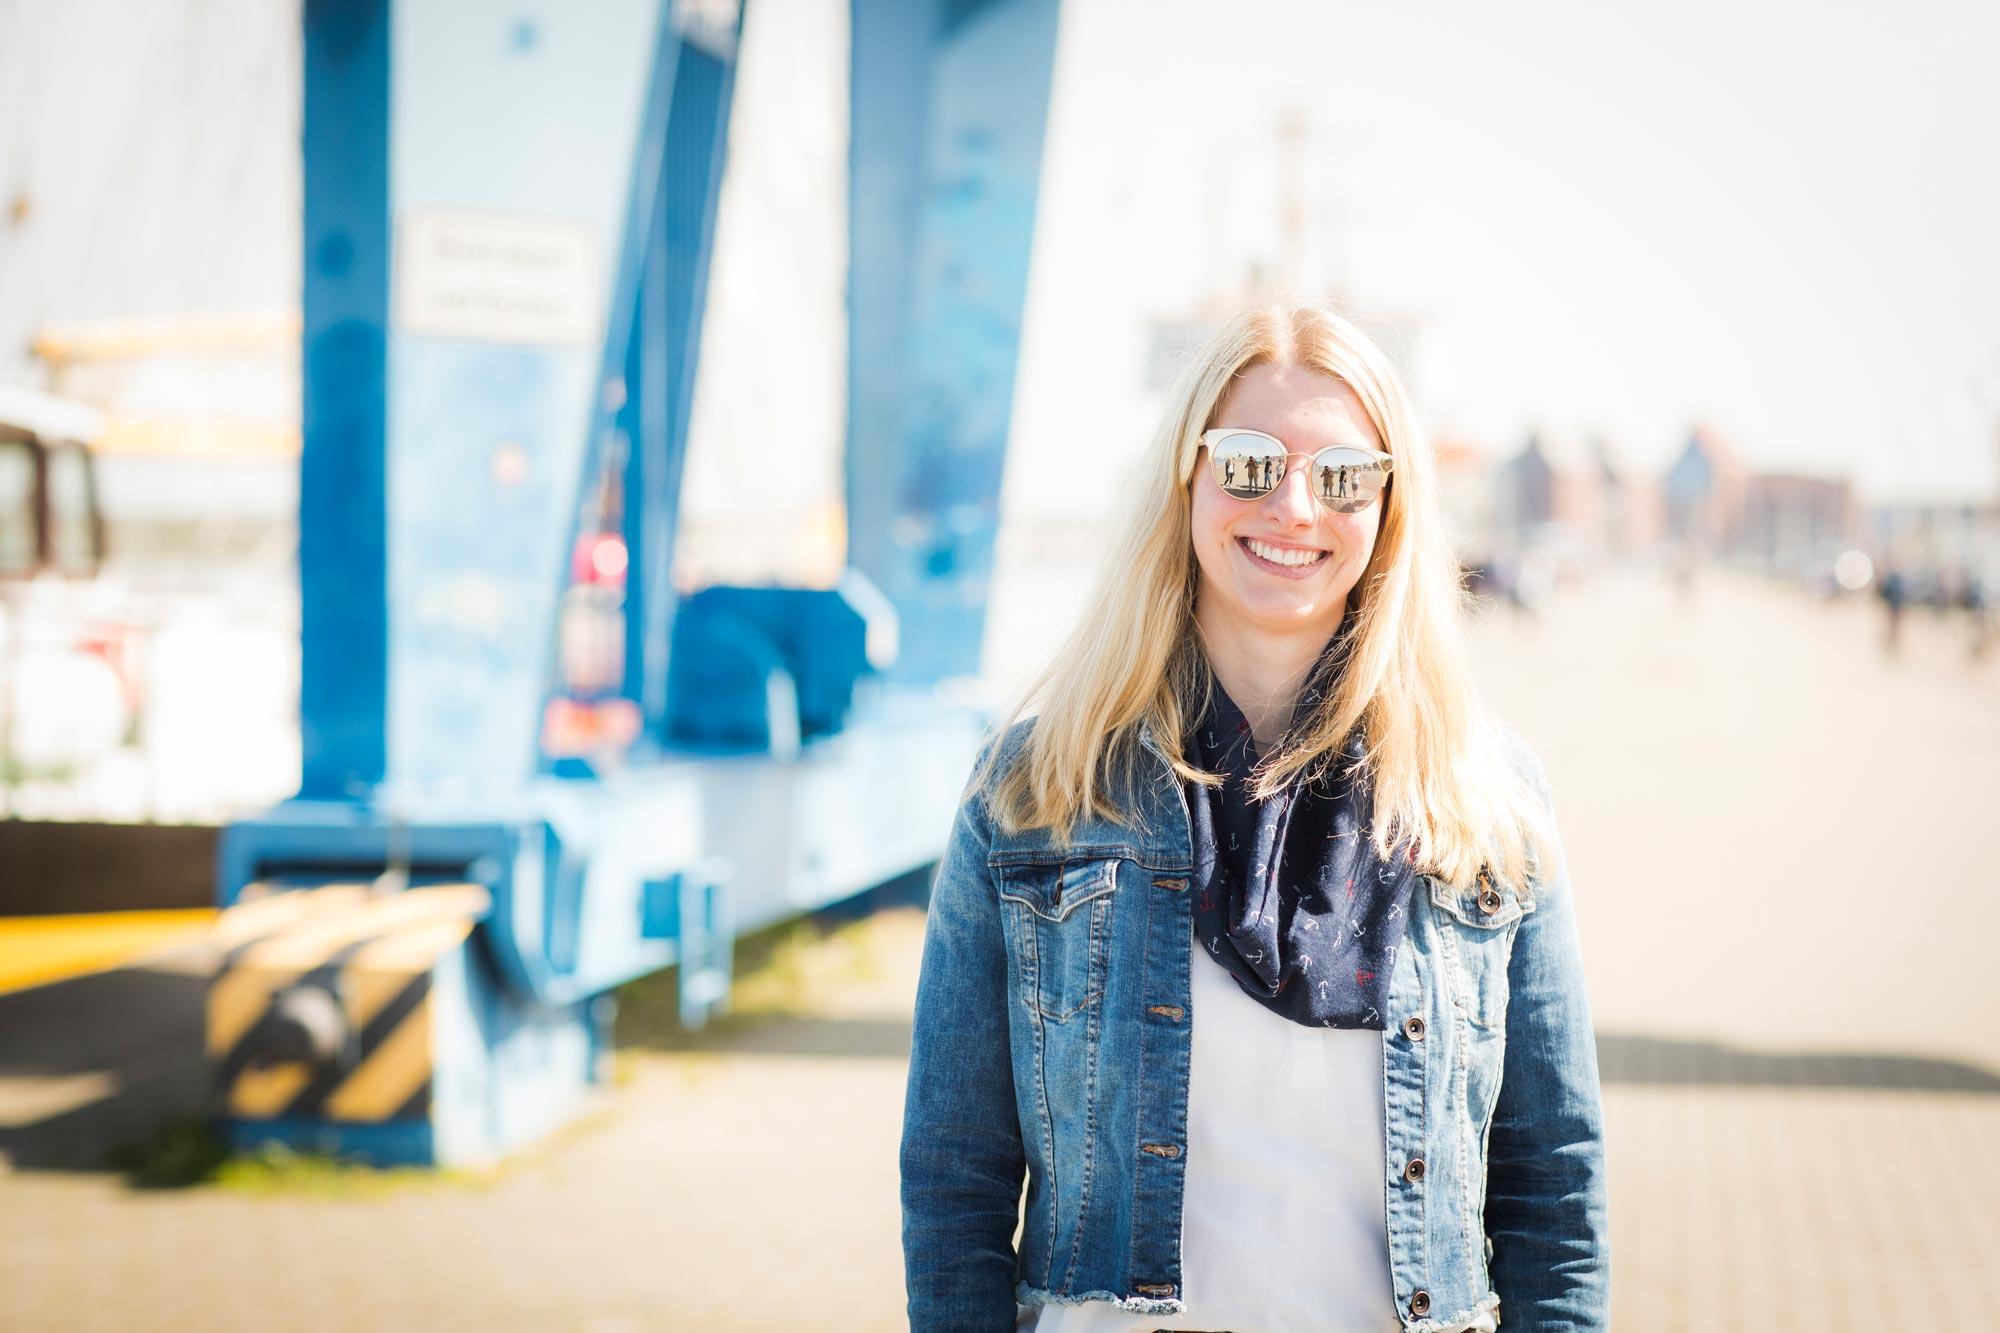 Victoria Westhues ist Augenoptikerin bei Optik Sagawe in Reutershagen - hat hier eine Sonnenbrille von Michael Kors auf